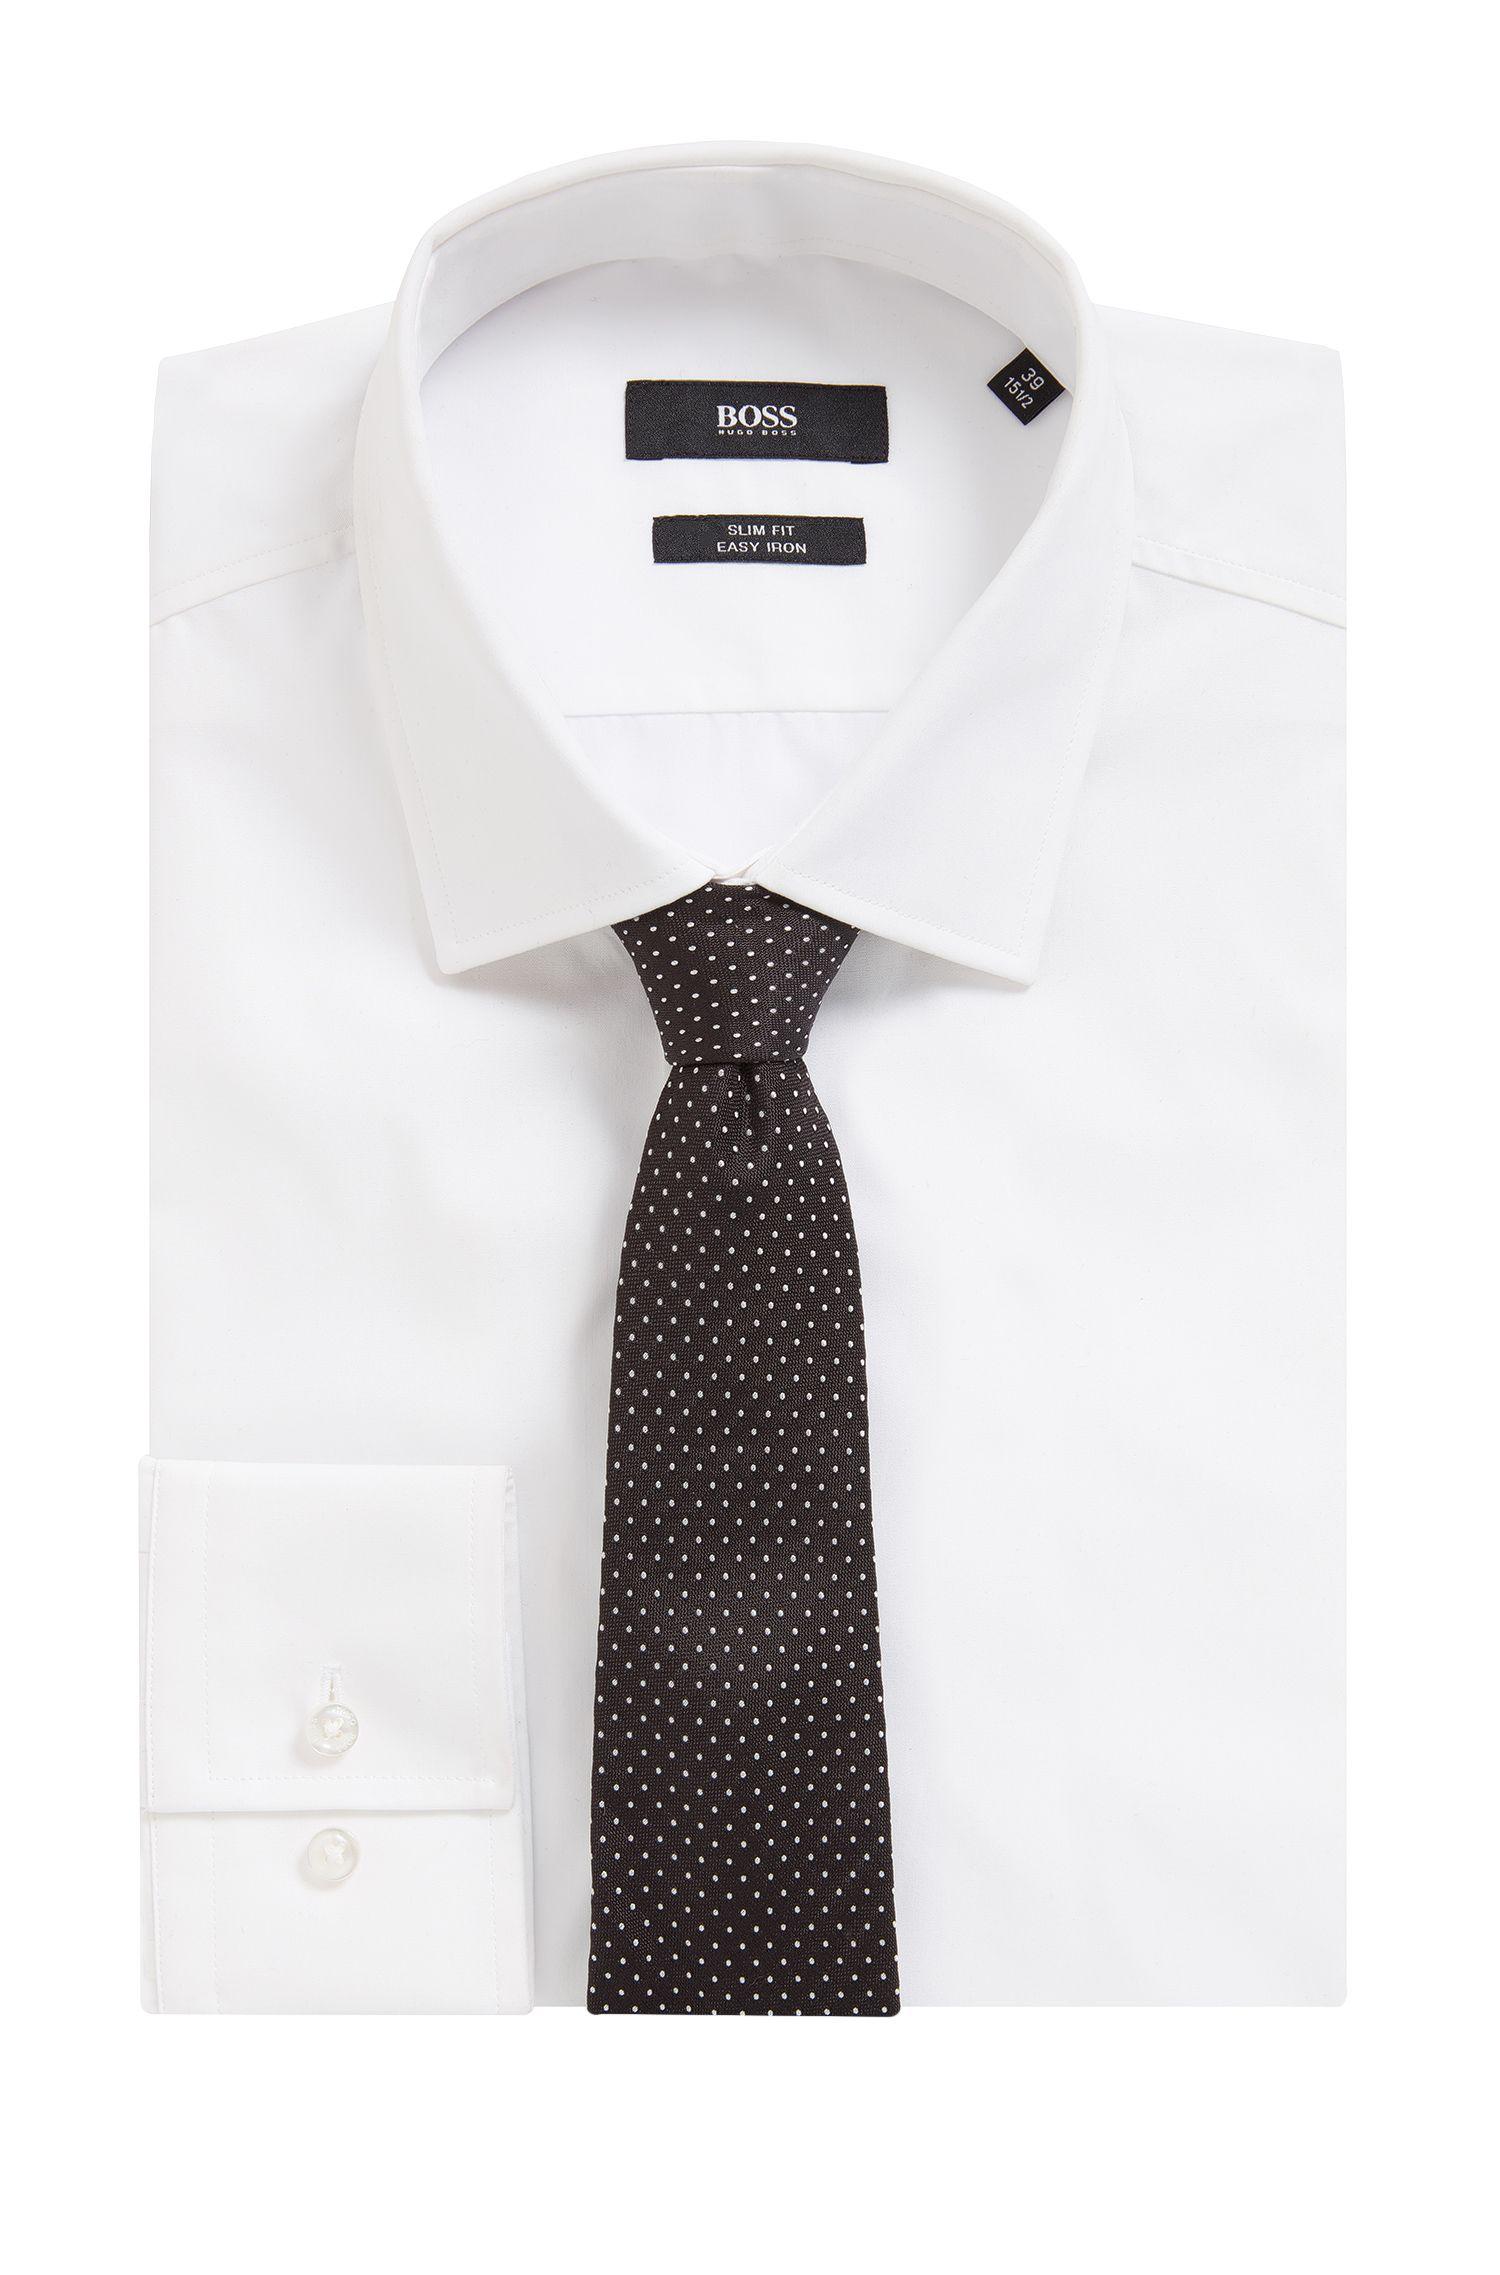 Cravatta in seta jacquard realizzato in Italia con motivo a pois